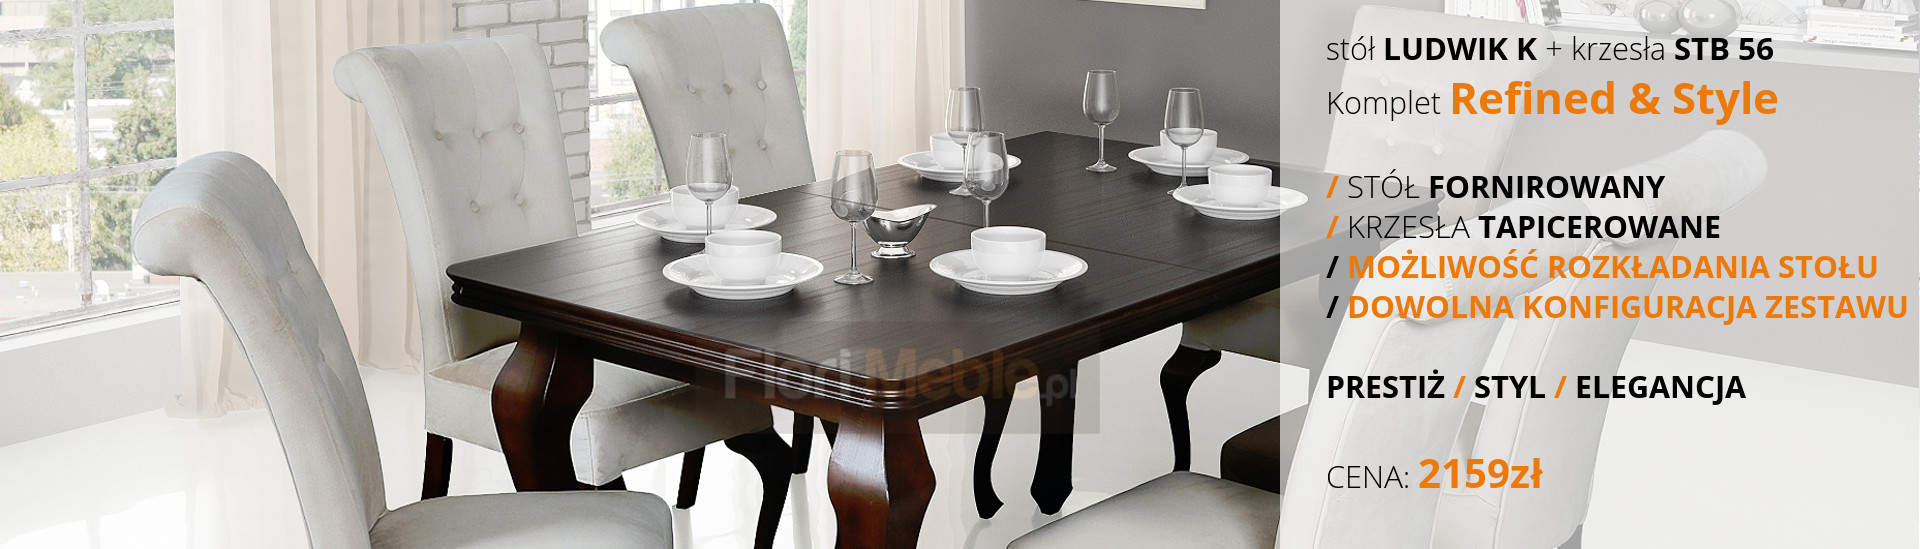 stoly-rozkladane-ludwik-krzesla-tapicerowane-stb-56-g